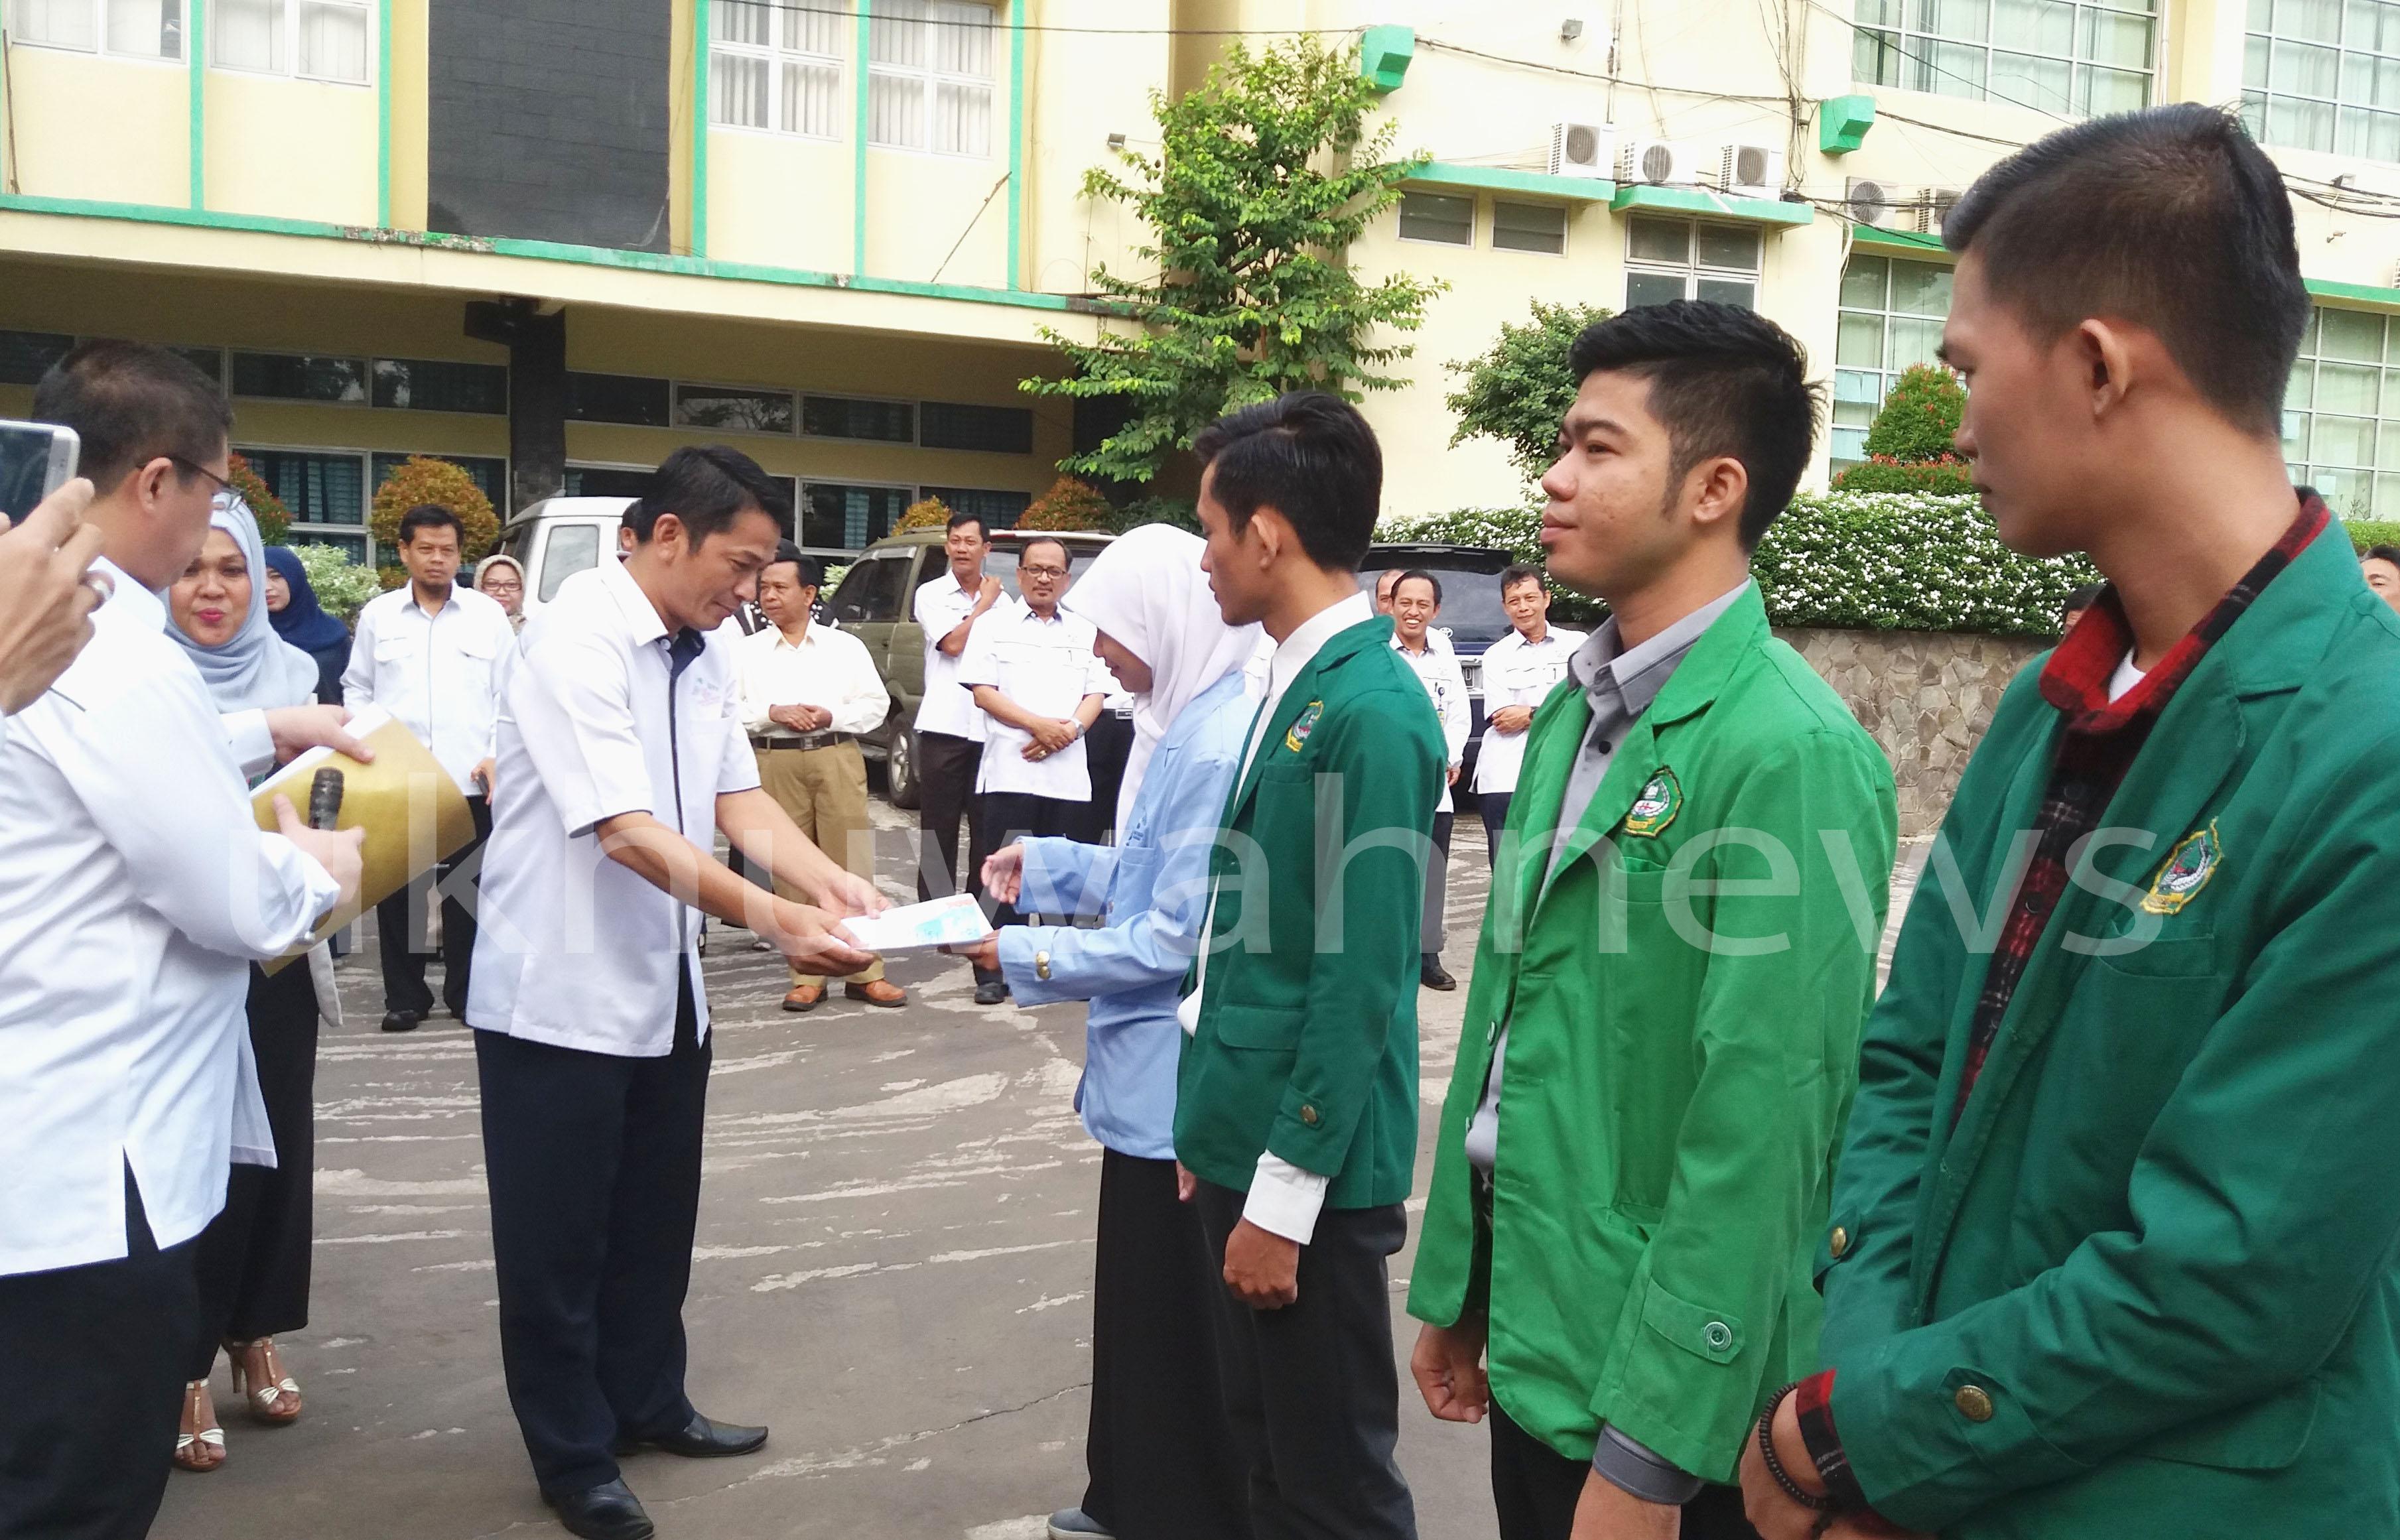 Dekan Fakultas Dakwah dan Komunikasi UIN RF memberikan Piagam Penghargaan Kepada Pemenang Peksimida 2016, pada apel pagi, di depan Gedung Rektorat UIN RF, Senin (29/08).